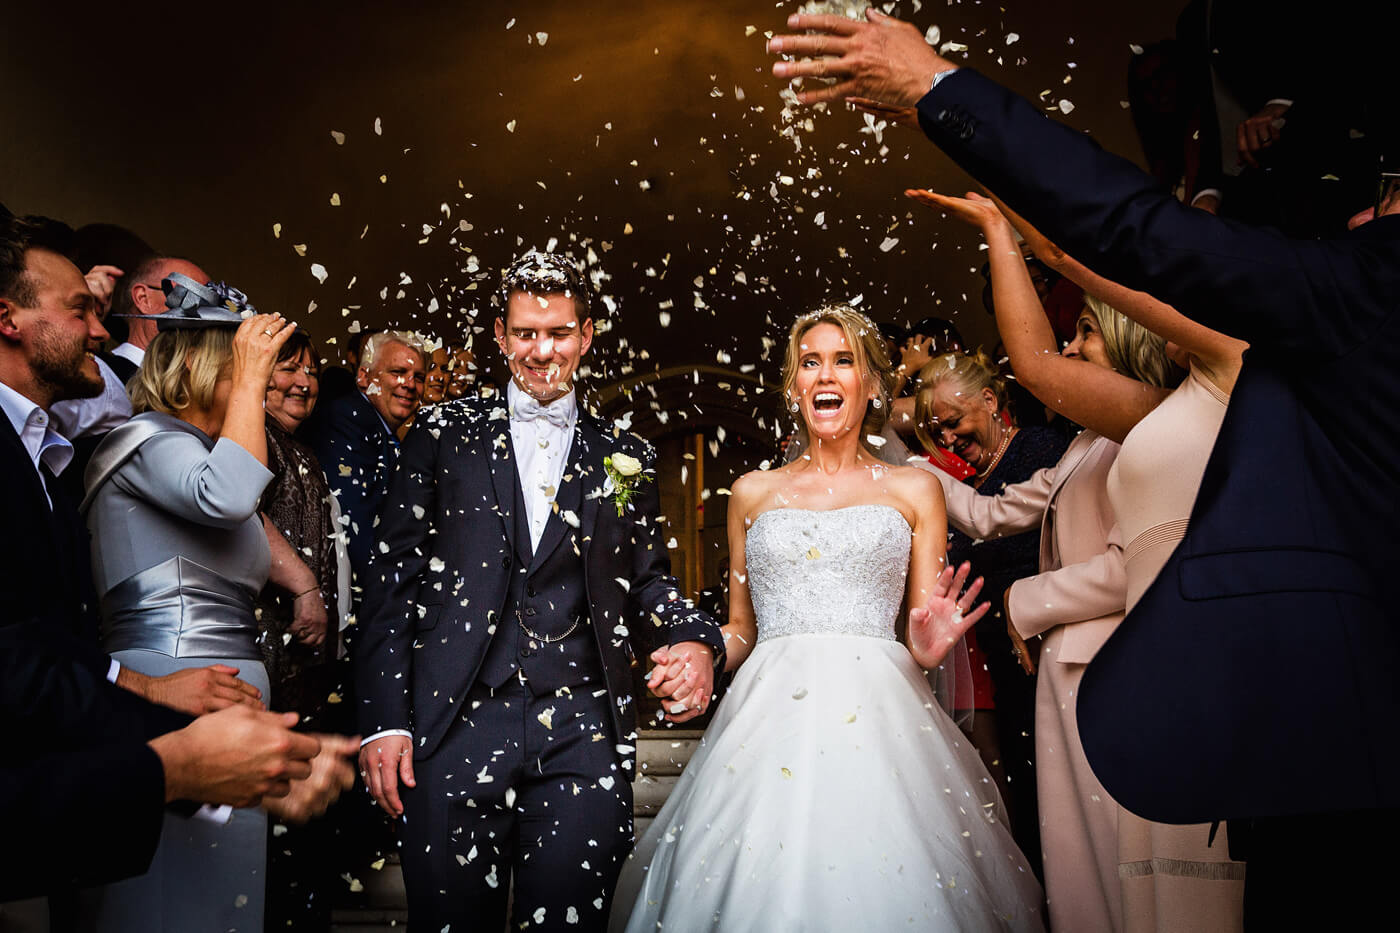 Englische Hochzeit im Schloss  16 charmante Fotostories mit vielen